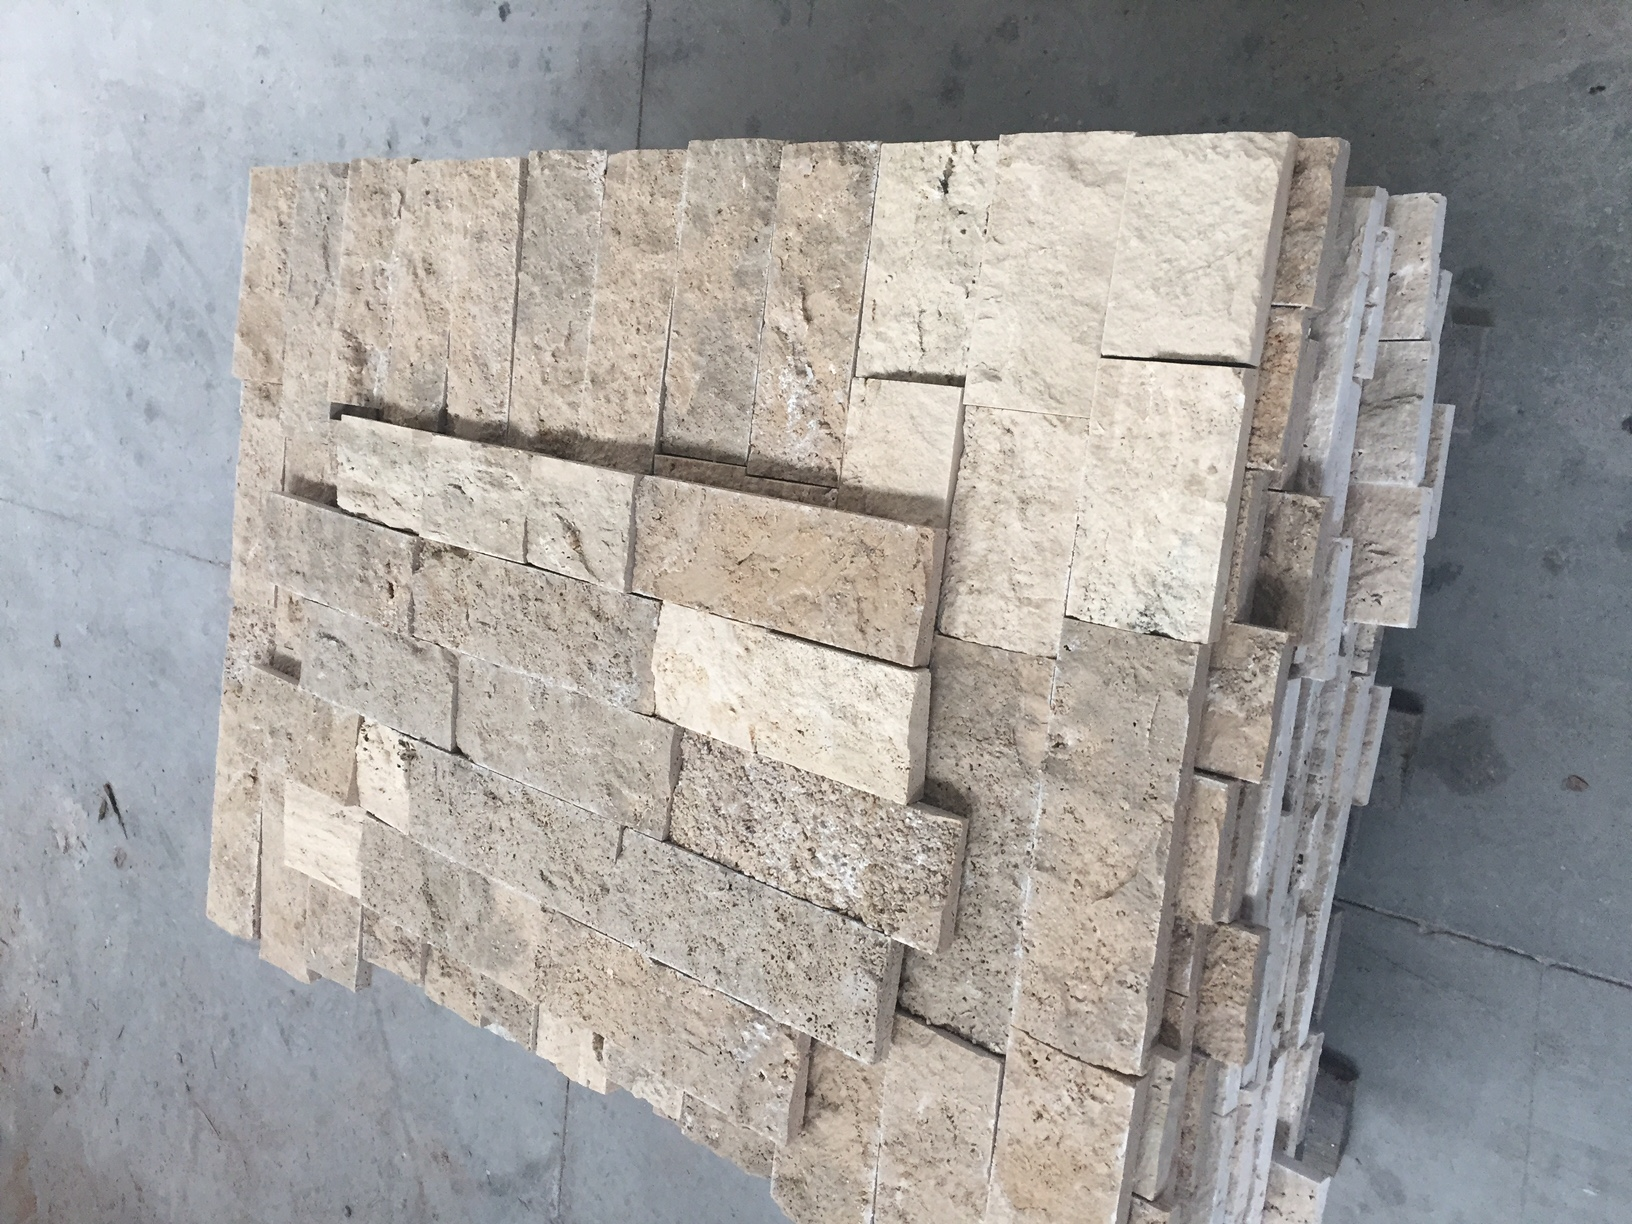 Foto marmo spaccatello a prezzo affare - Travertino prezzi ...